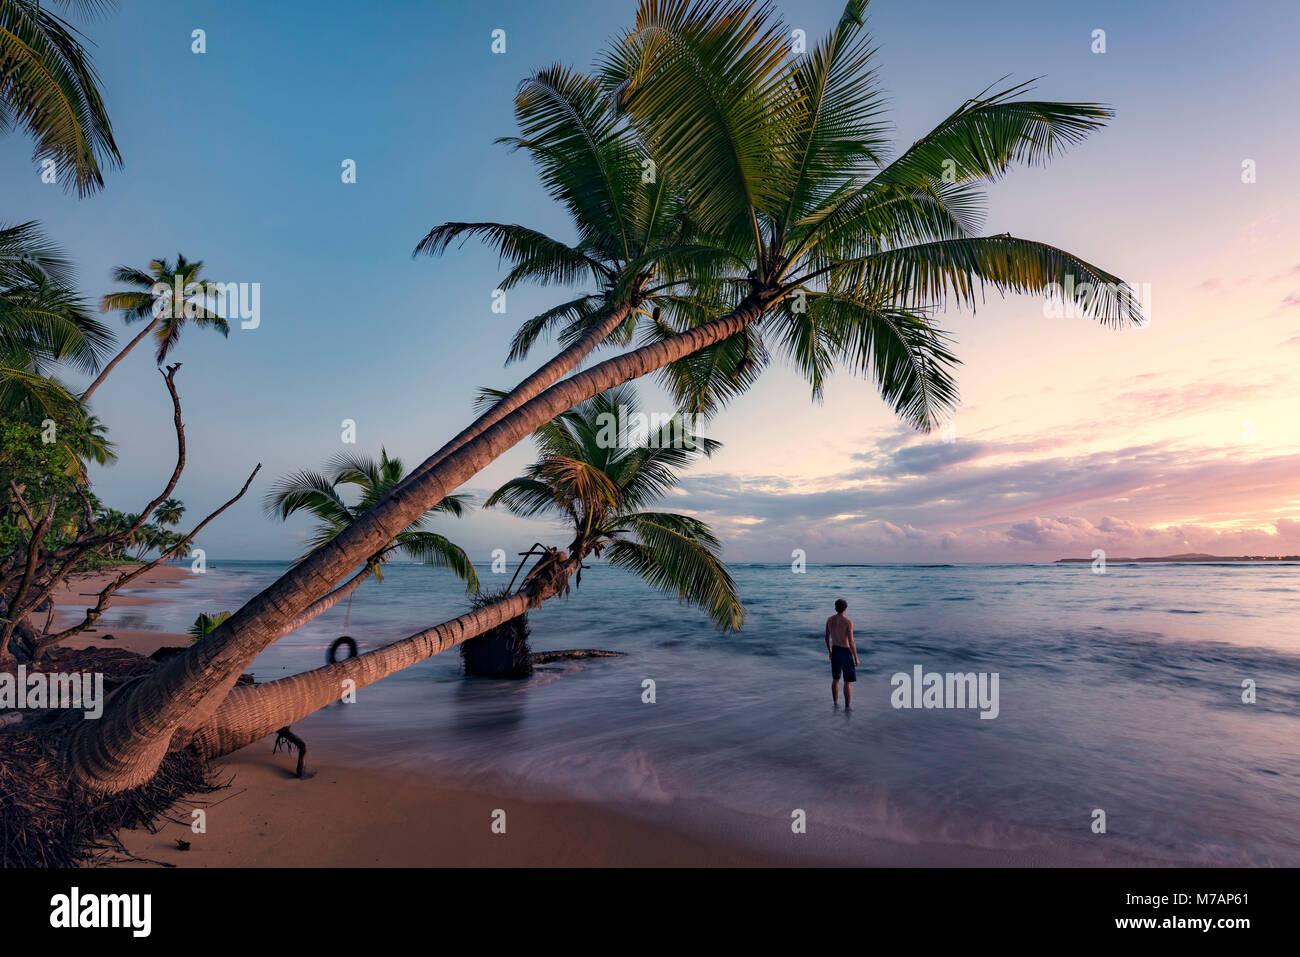 Hombre en una desierta playa salvaje al amanecer en la isla caribeña de Puerto Rico Imagen De Stock